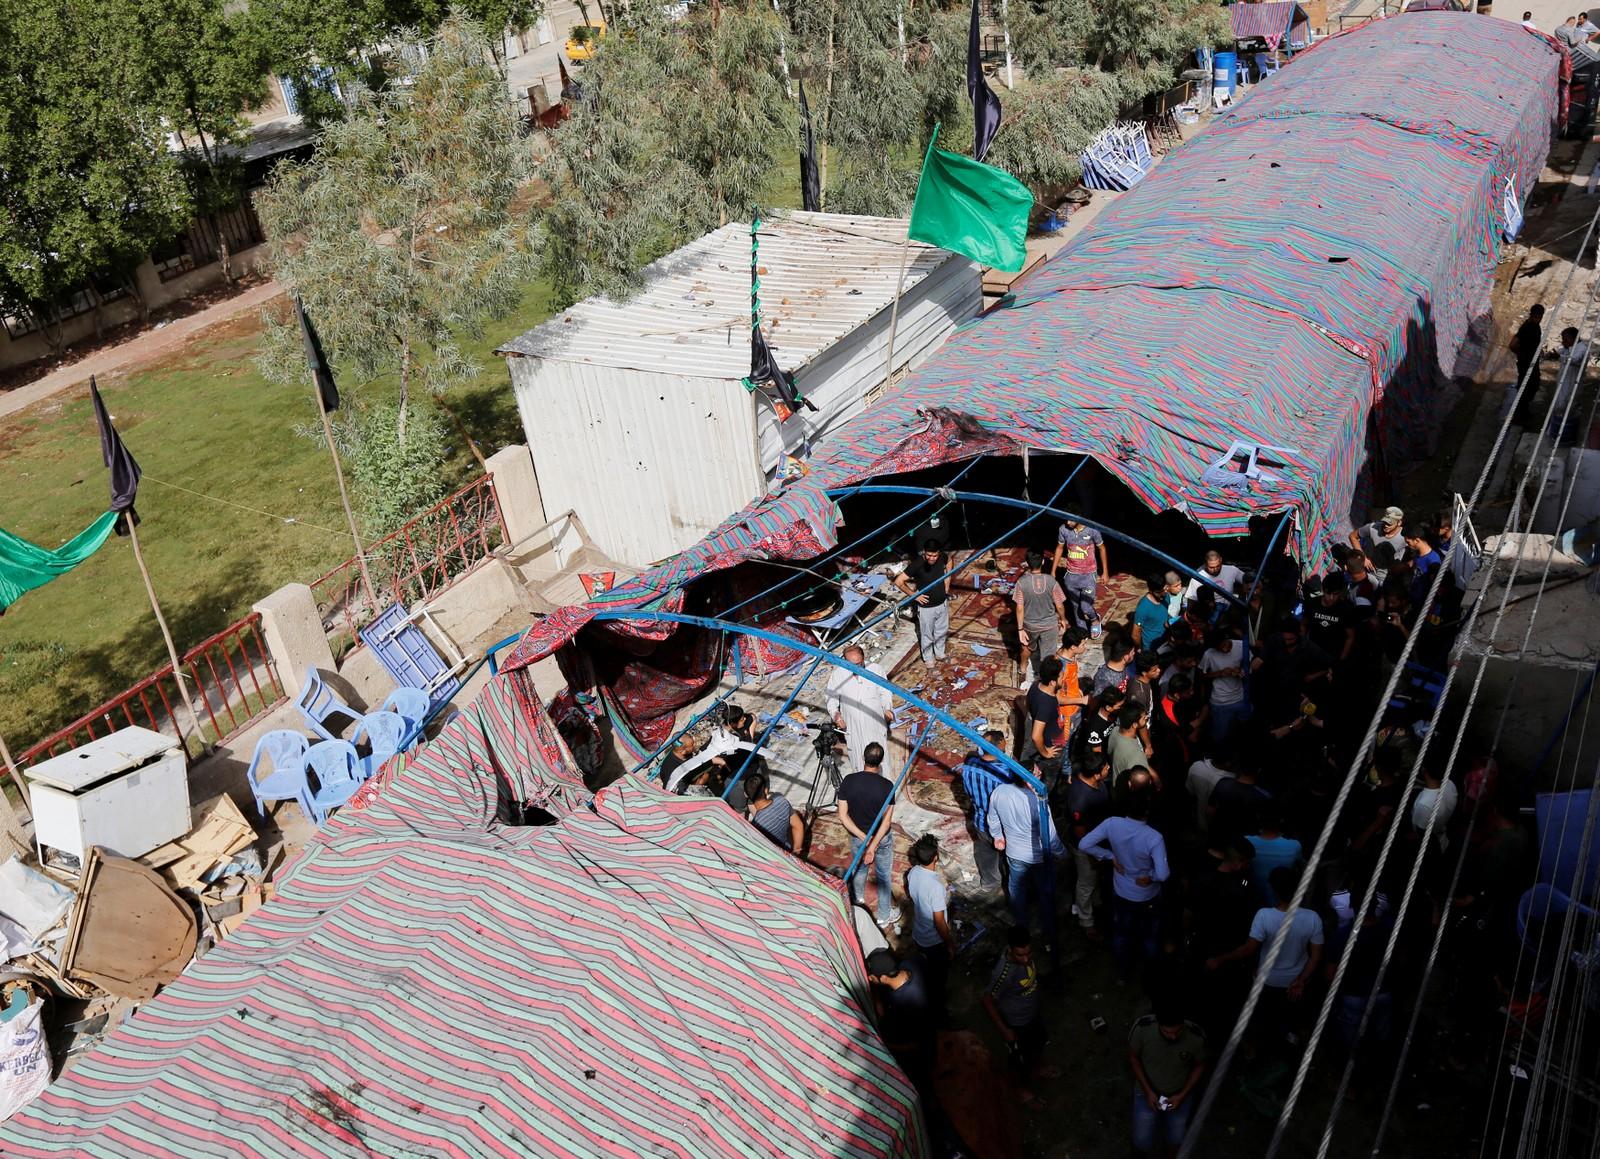 Teltet der ei sjølvmordsbombe vart løyst ut. Minst 55 menneske vart drepne.